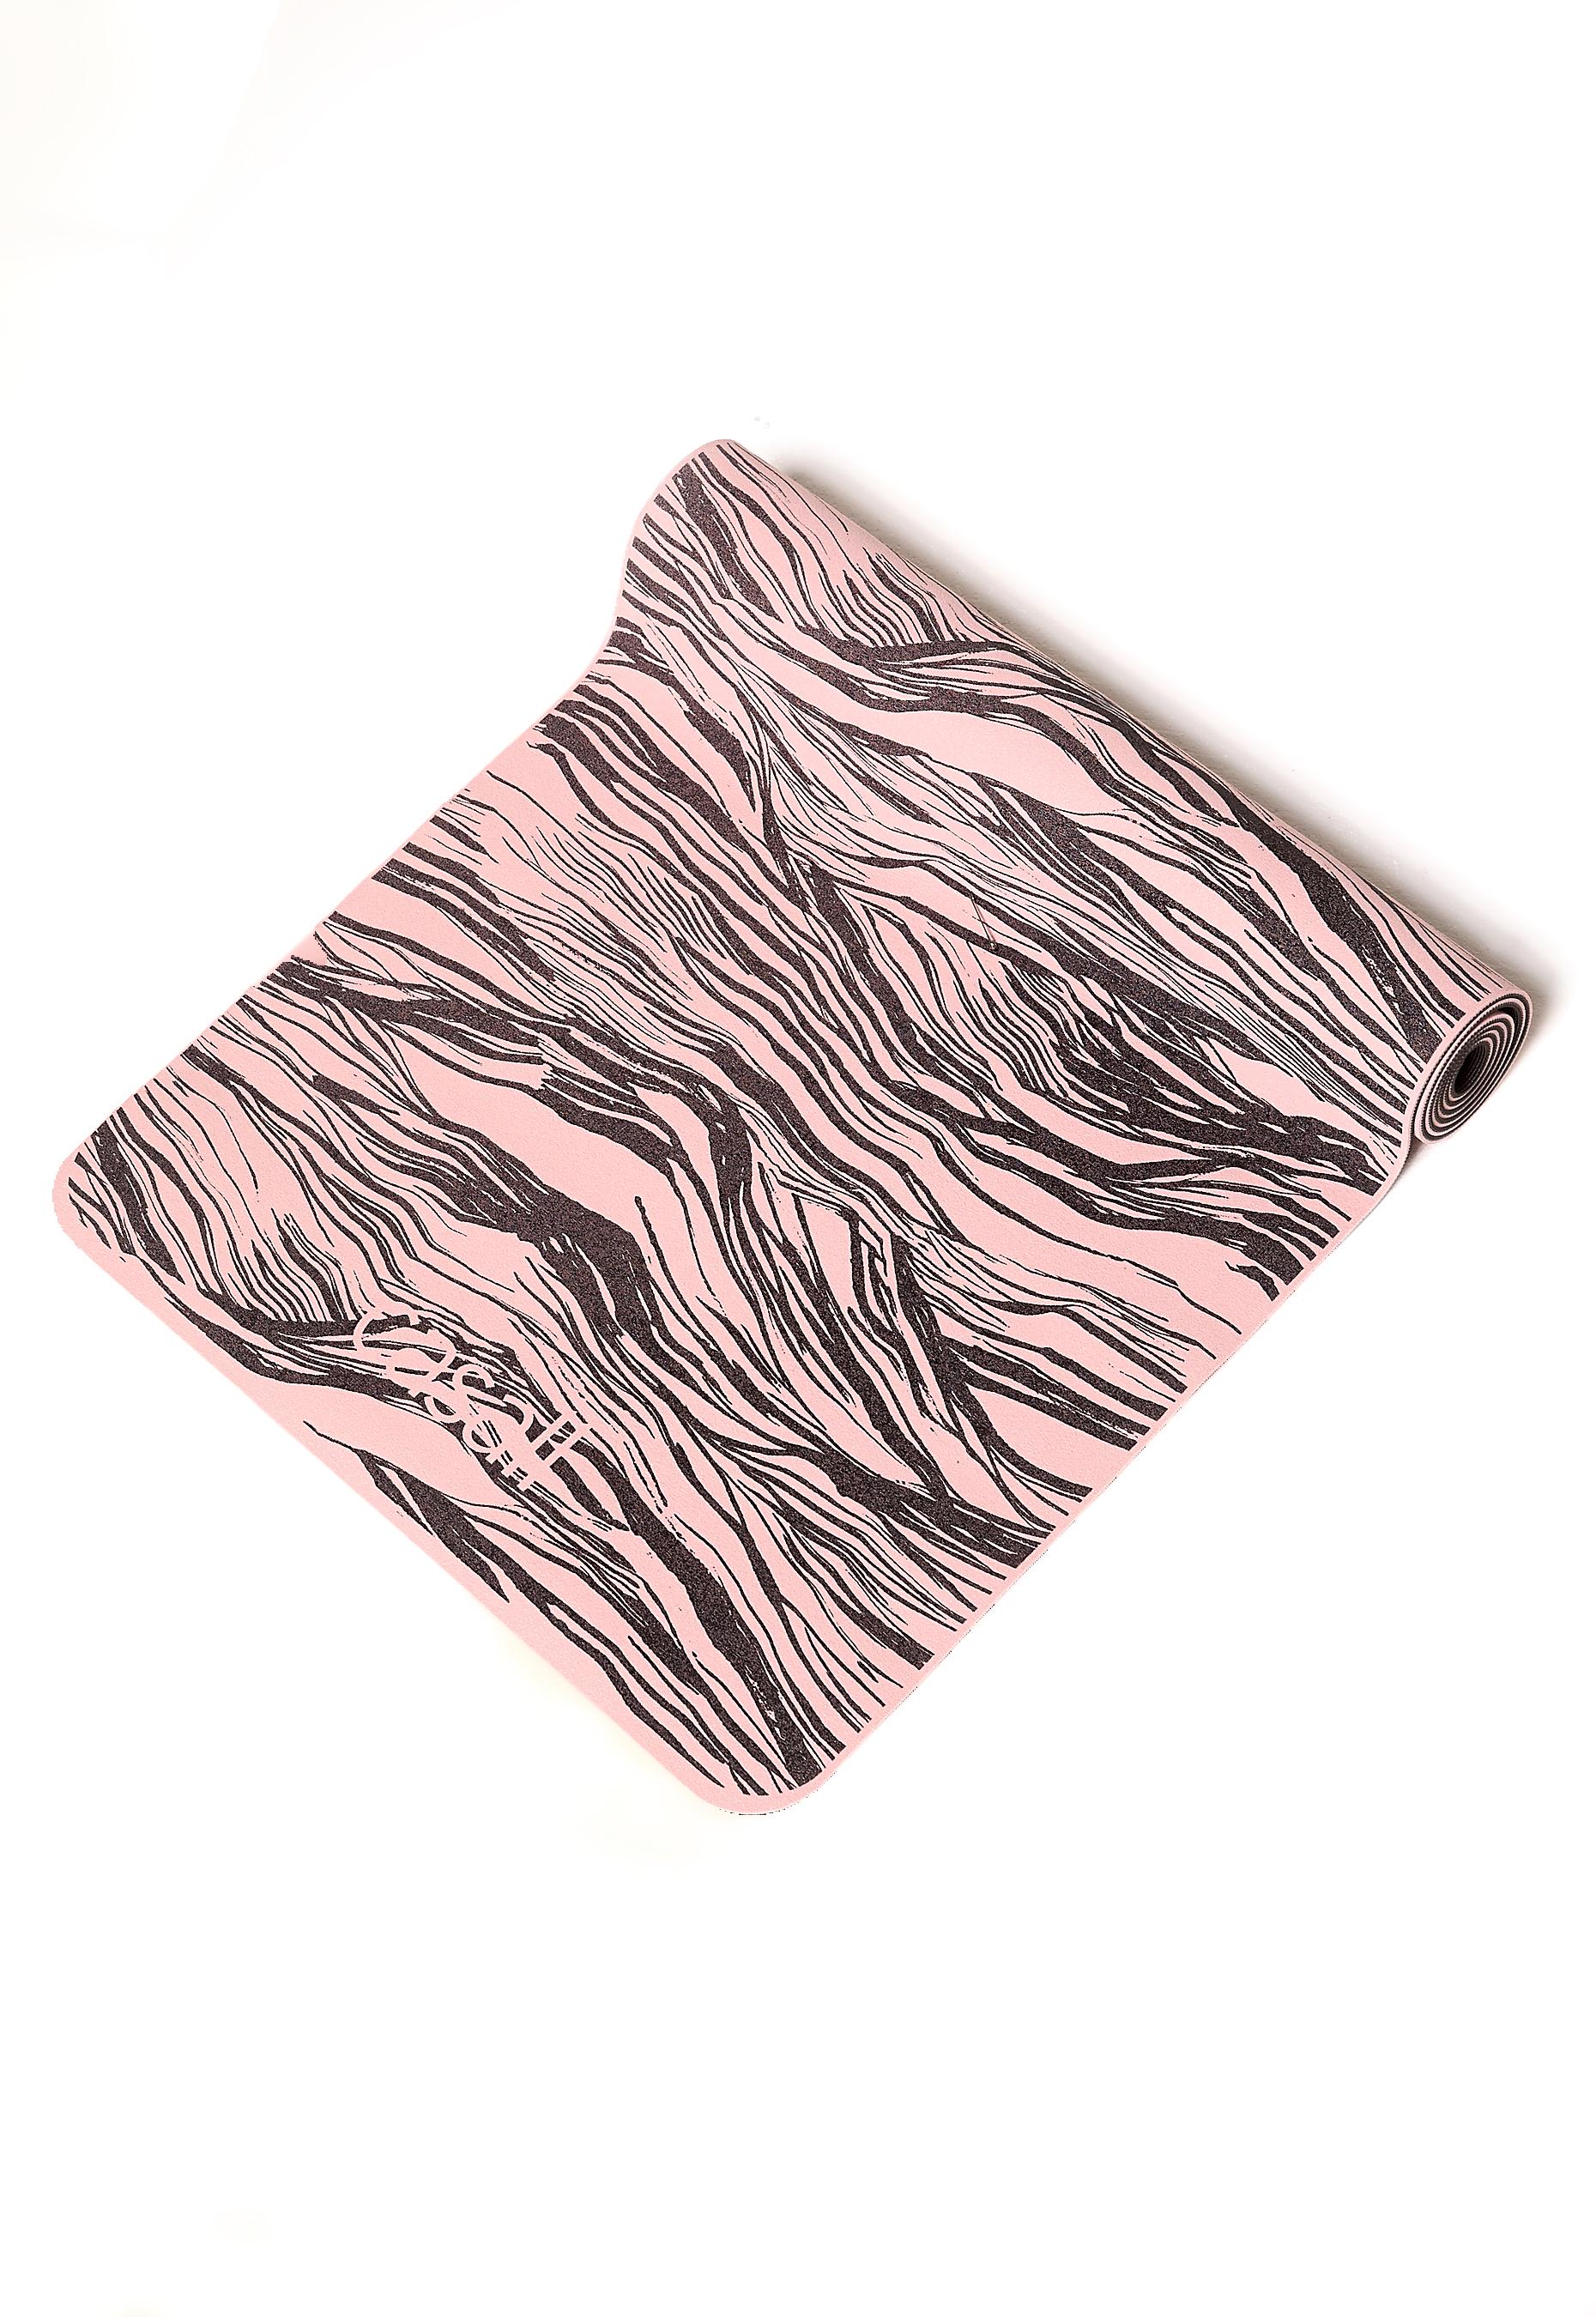 Casall Yoga Mat Cushion 5mm Lucky Pink / Black P